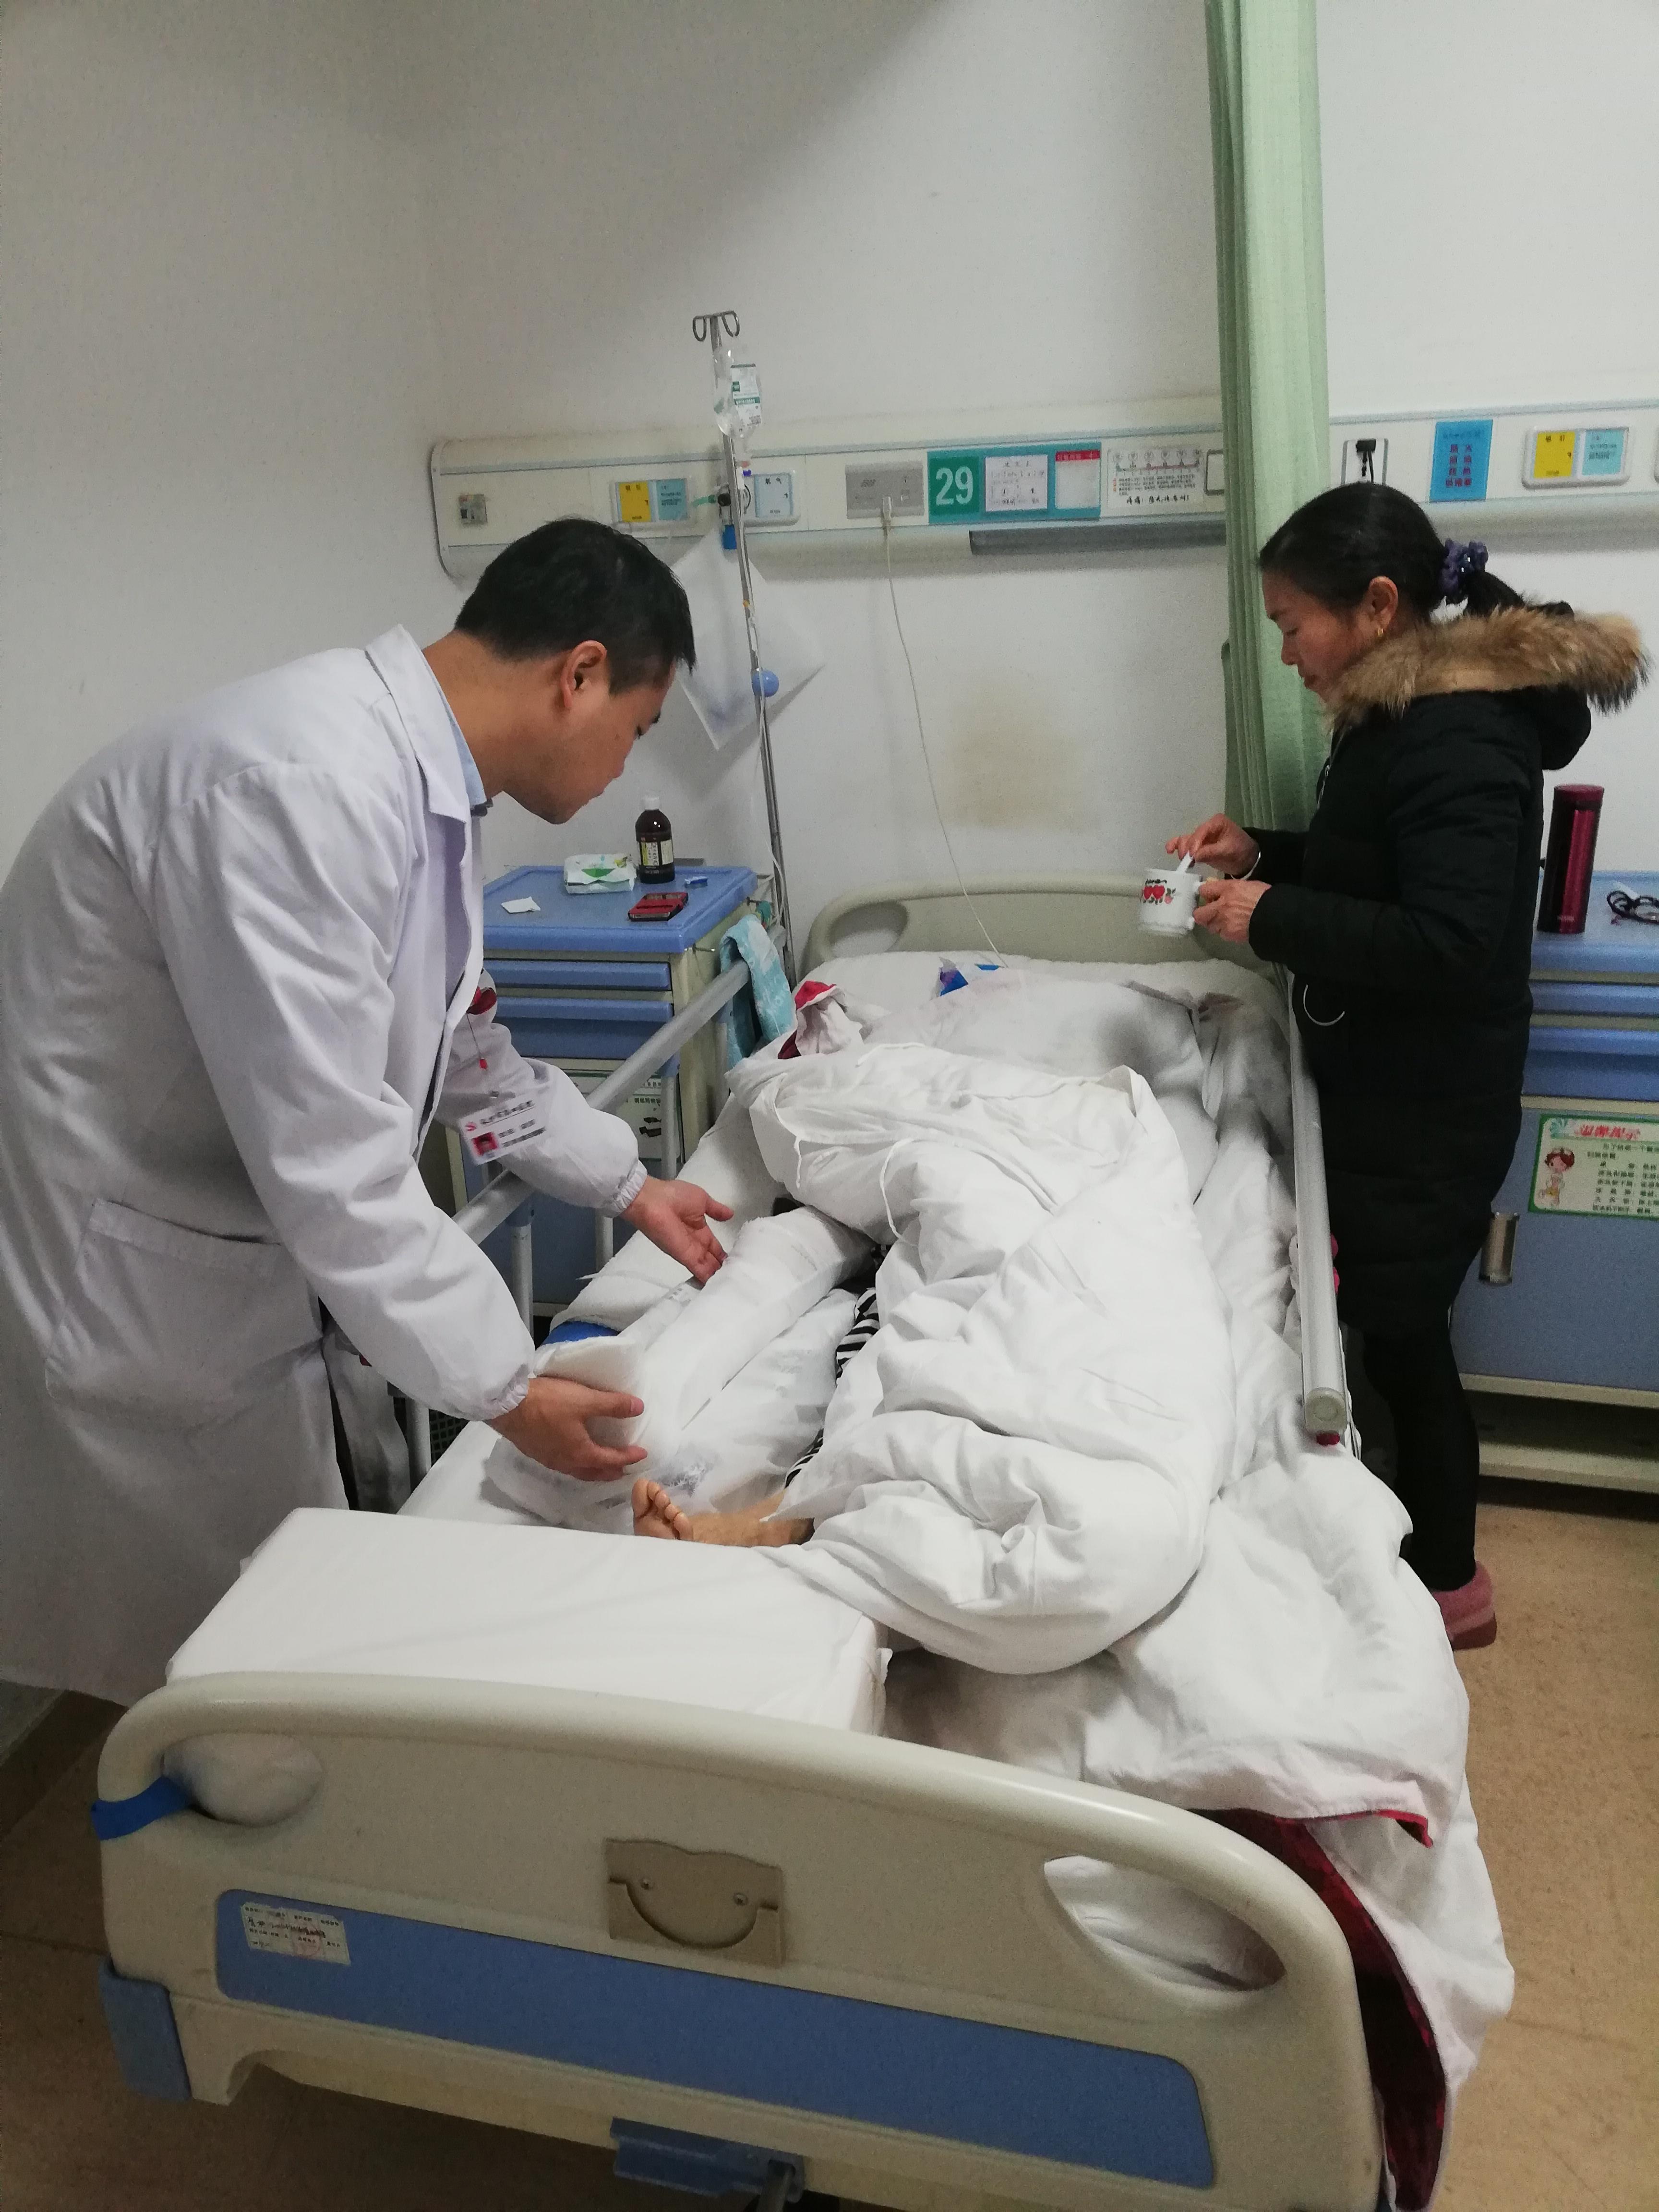 迎战冰雪丨骨科医生90分钟接诊10个骨折患者